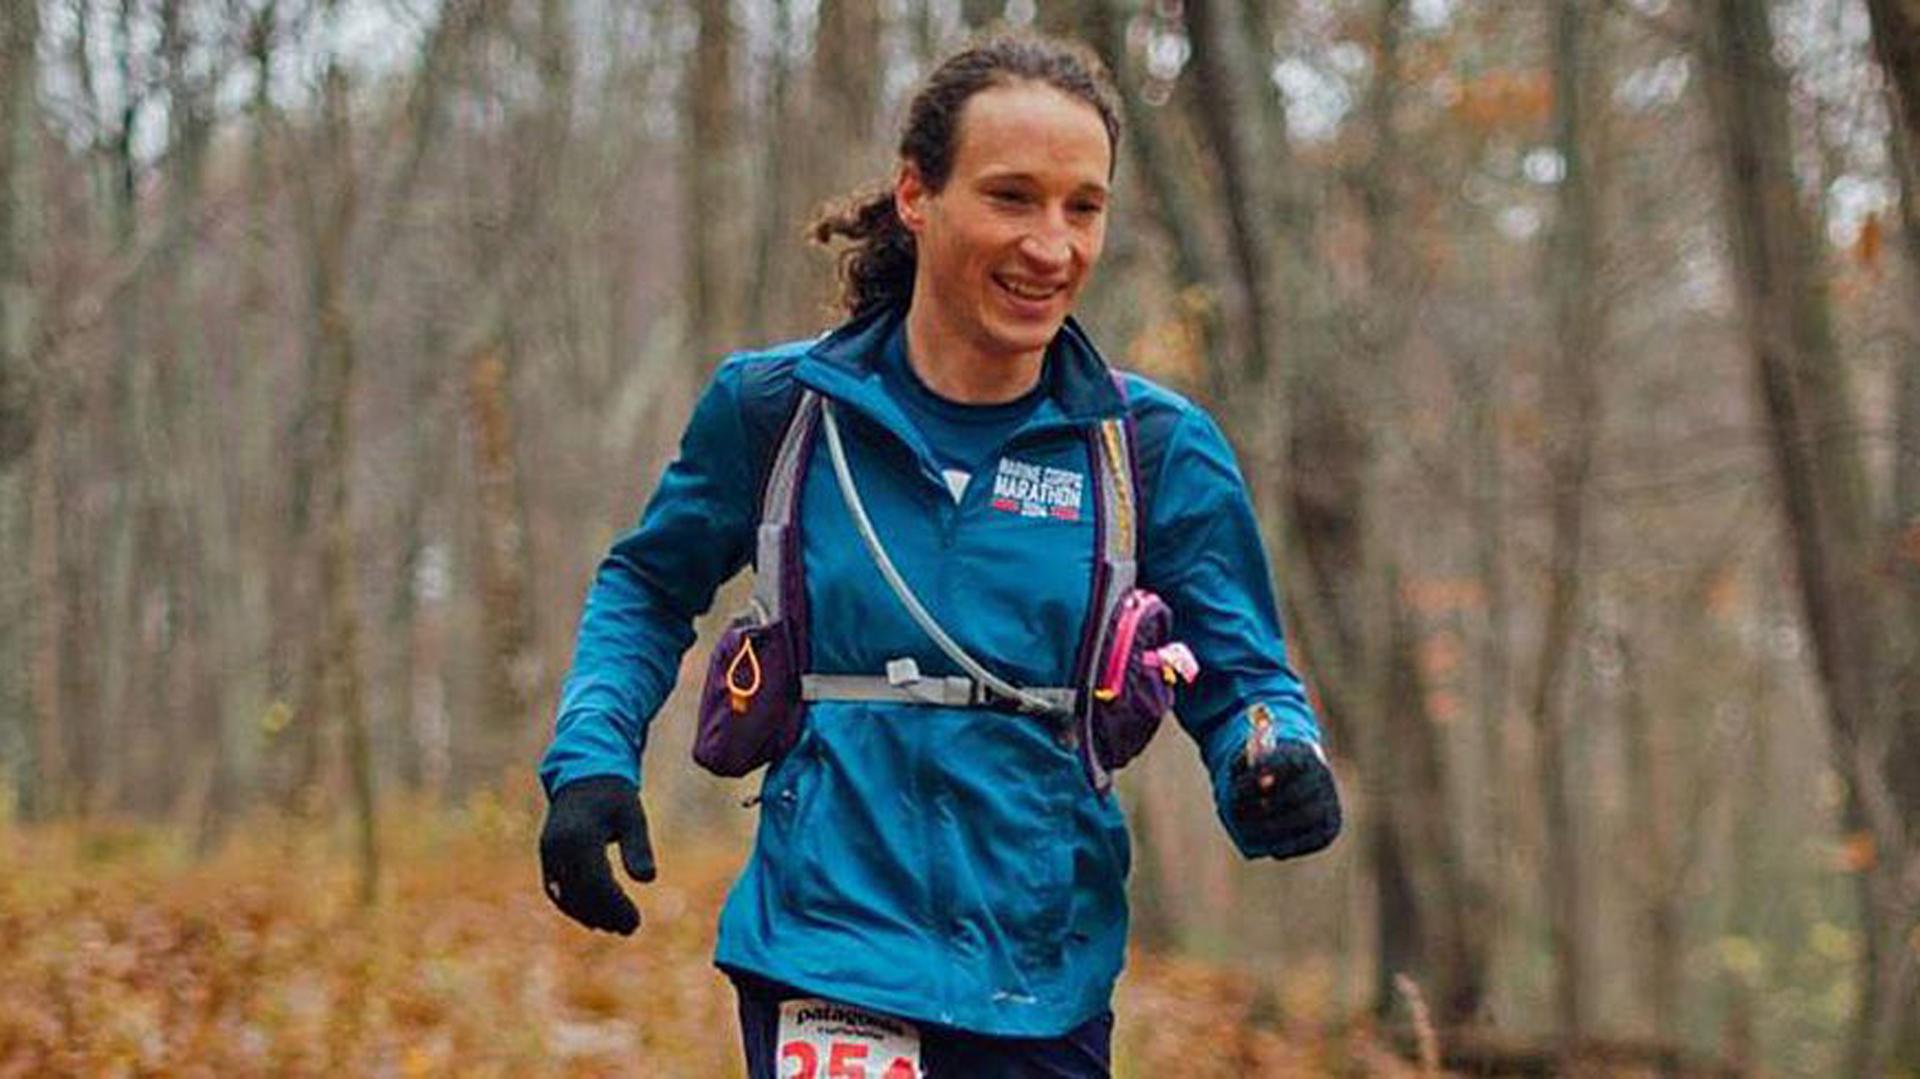 Grace Fisher ya participó en Boston, en la categoría masculina